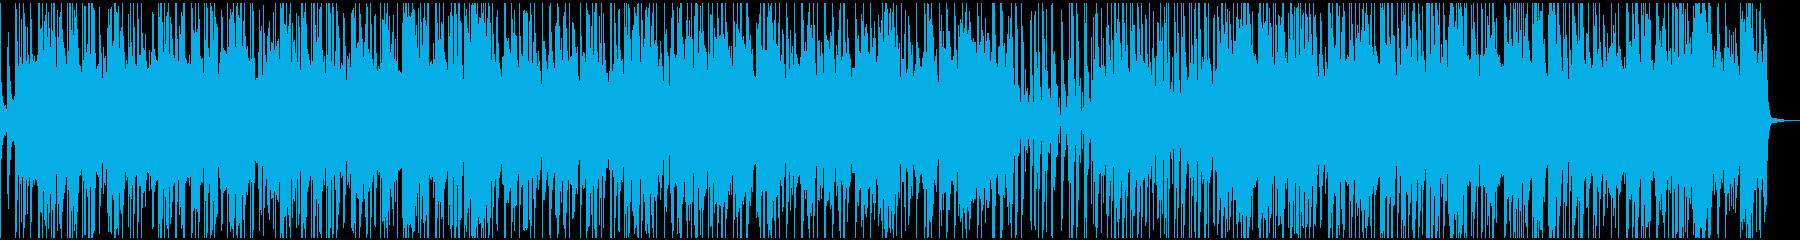 壮大 バンド スイング ファンク ...の再生済みの波形